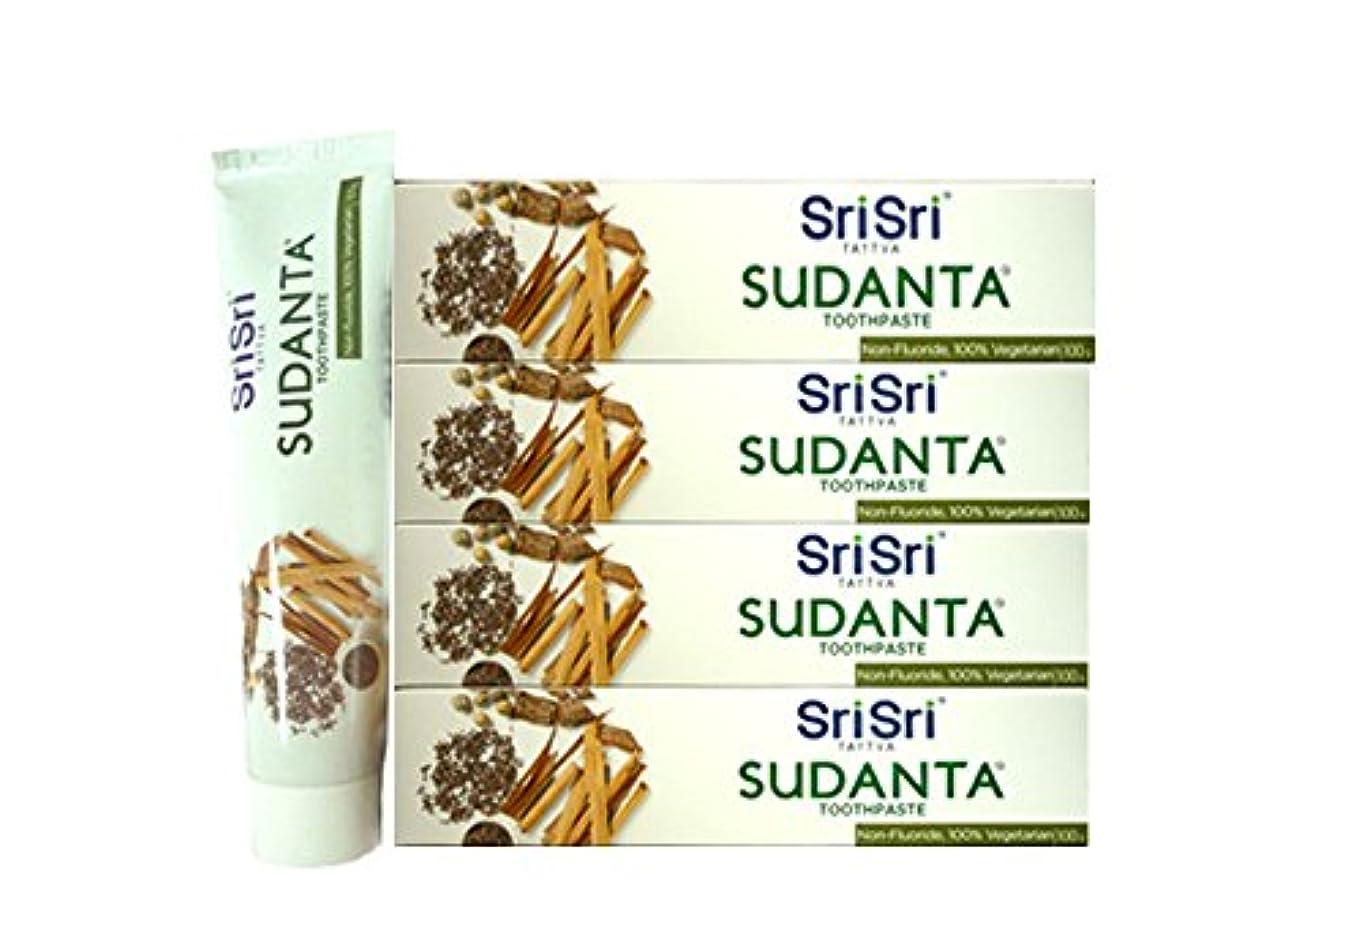 プログラムスピン美しいシュリ シュリ アーユルヴェーダ スダンタ 磨き粉 100g*4SET Sri Sri Ayurveda sudanta toothPaste